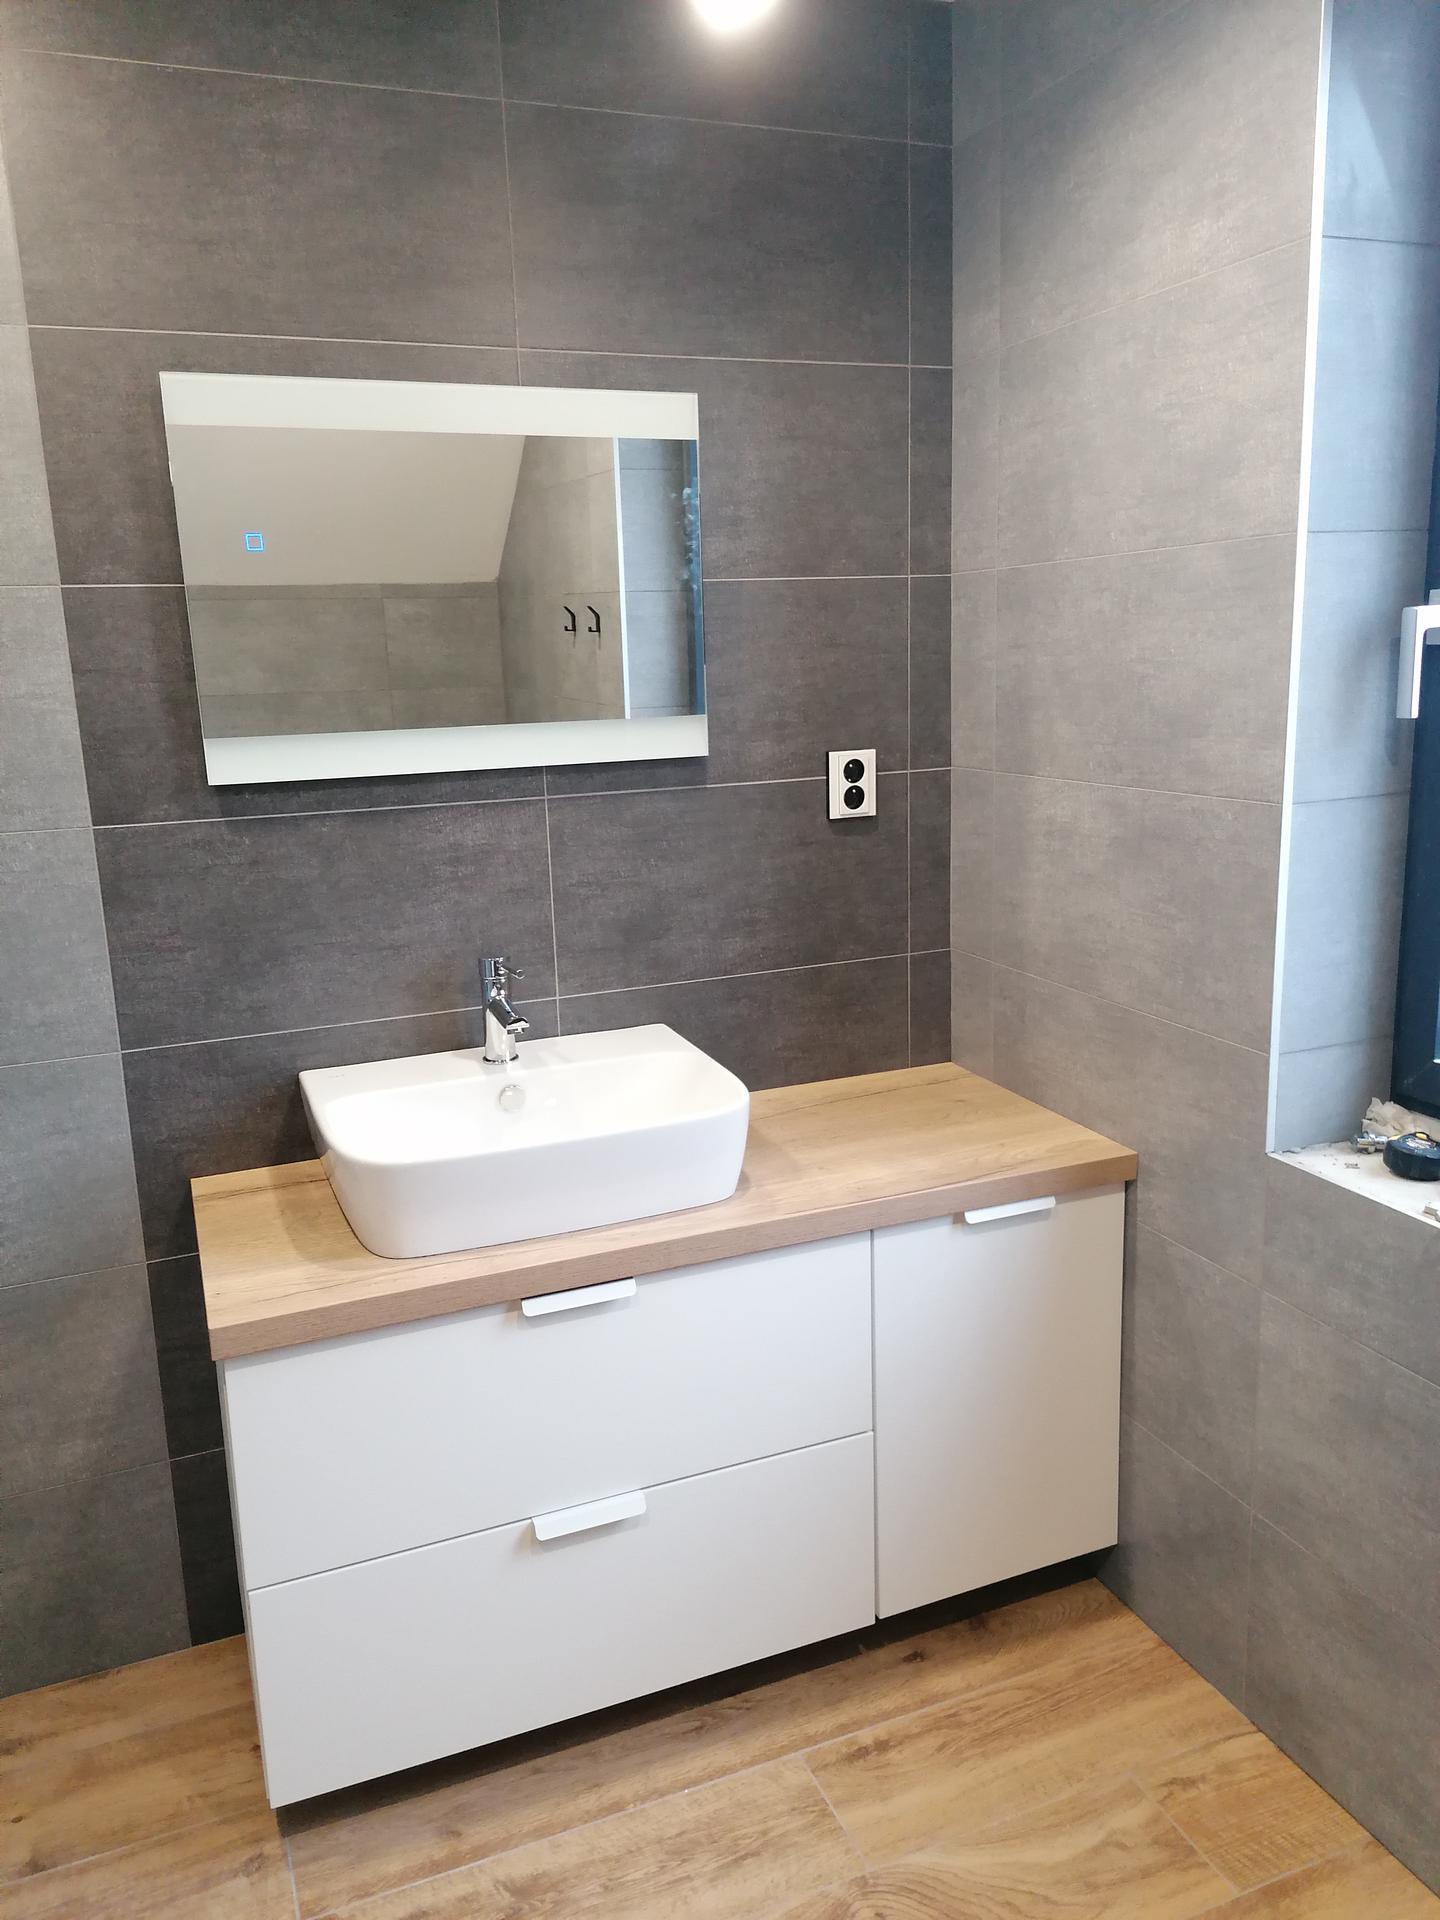 Pasiv Svépomocí 2021 - koupelna v podkroví - umyvadlová skříňka